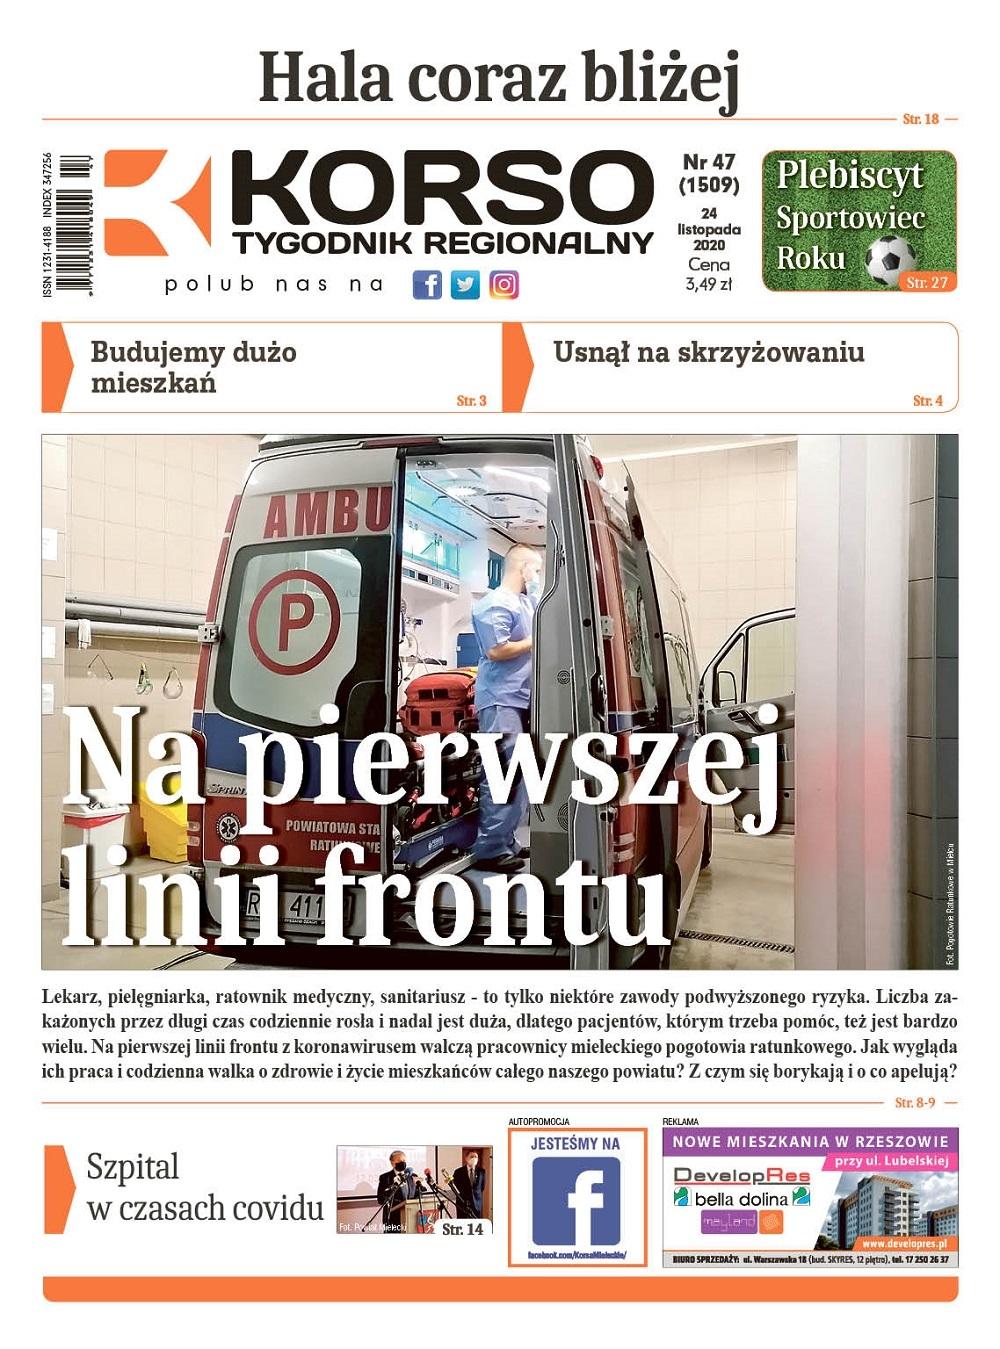 Tygodnik Regionalny KORSO nr 47/2020 - Zdjęcie główne